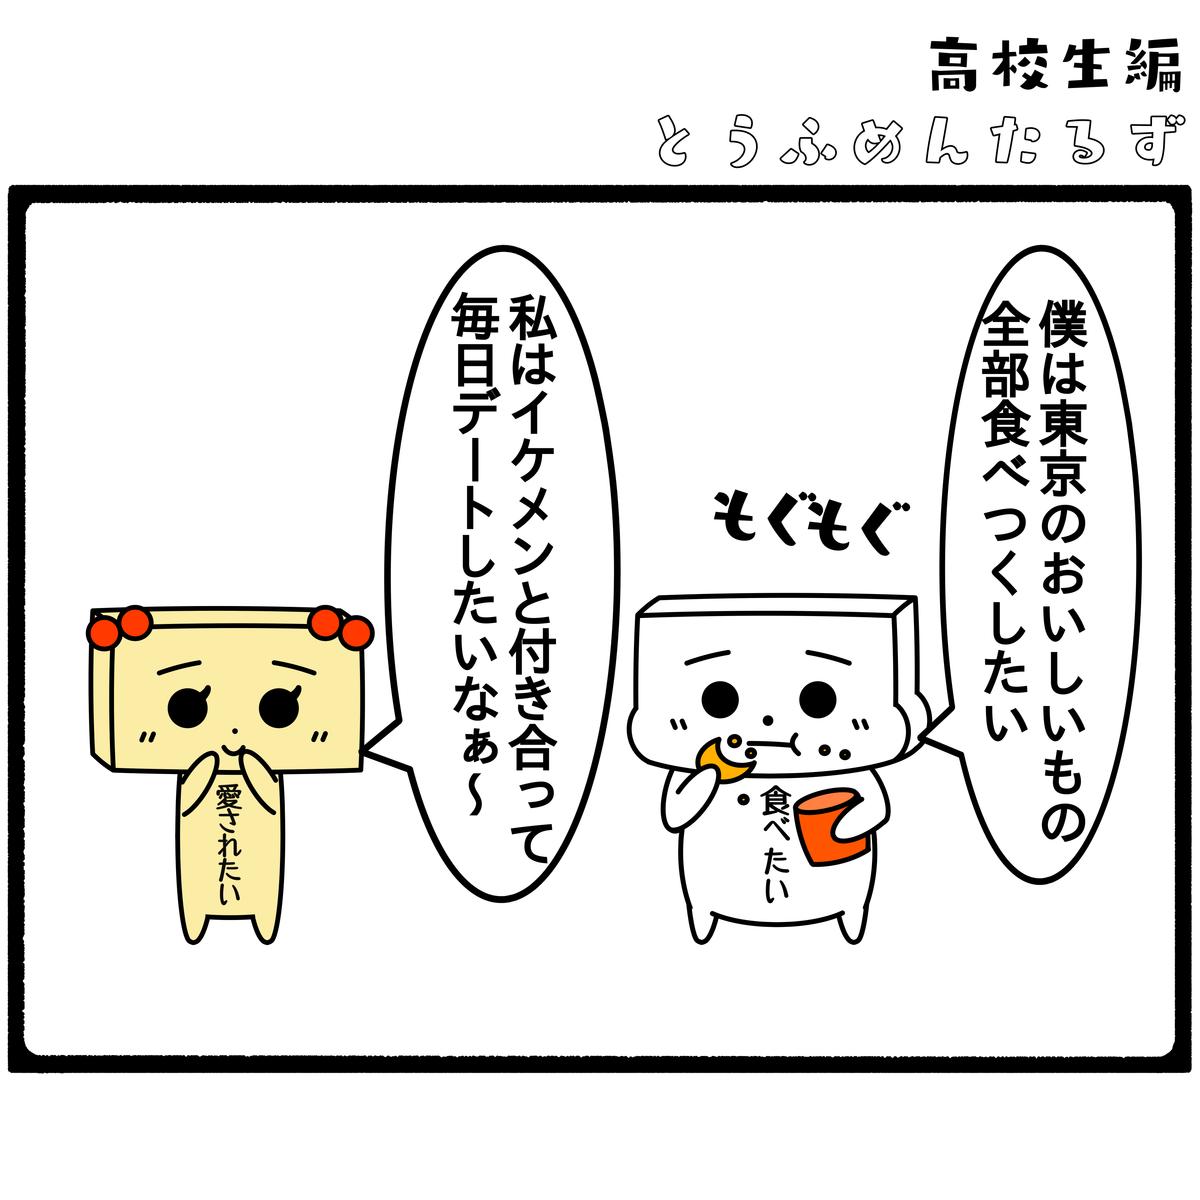 とうふめんたるず 豆腐メンタル 日常 4コマ漫画 大学生とは